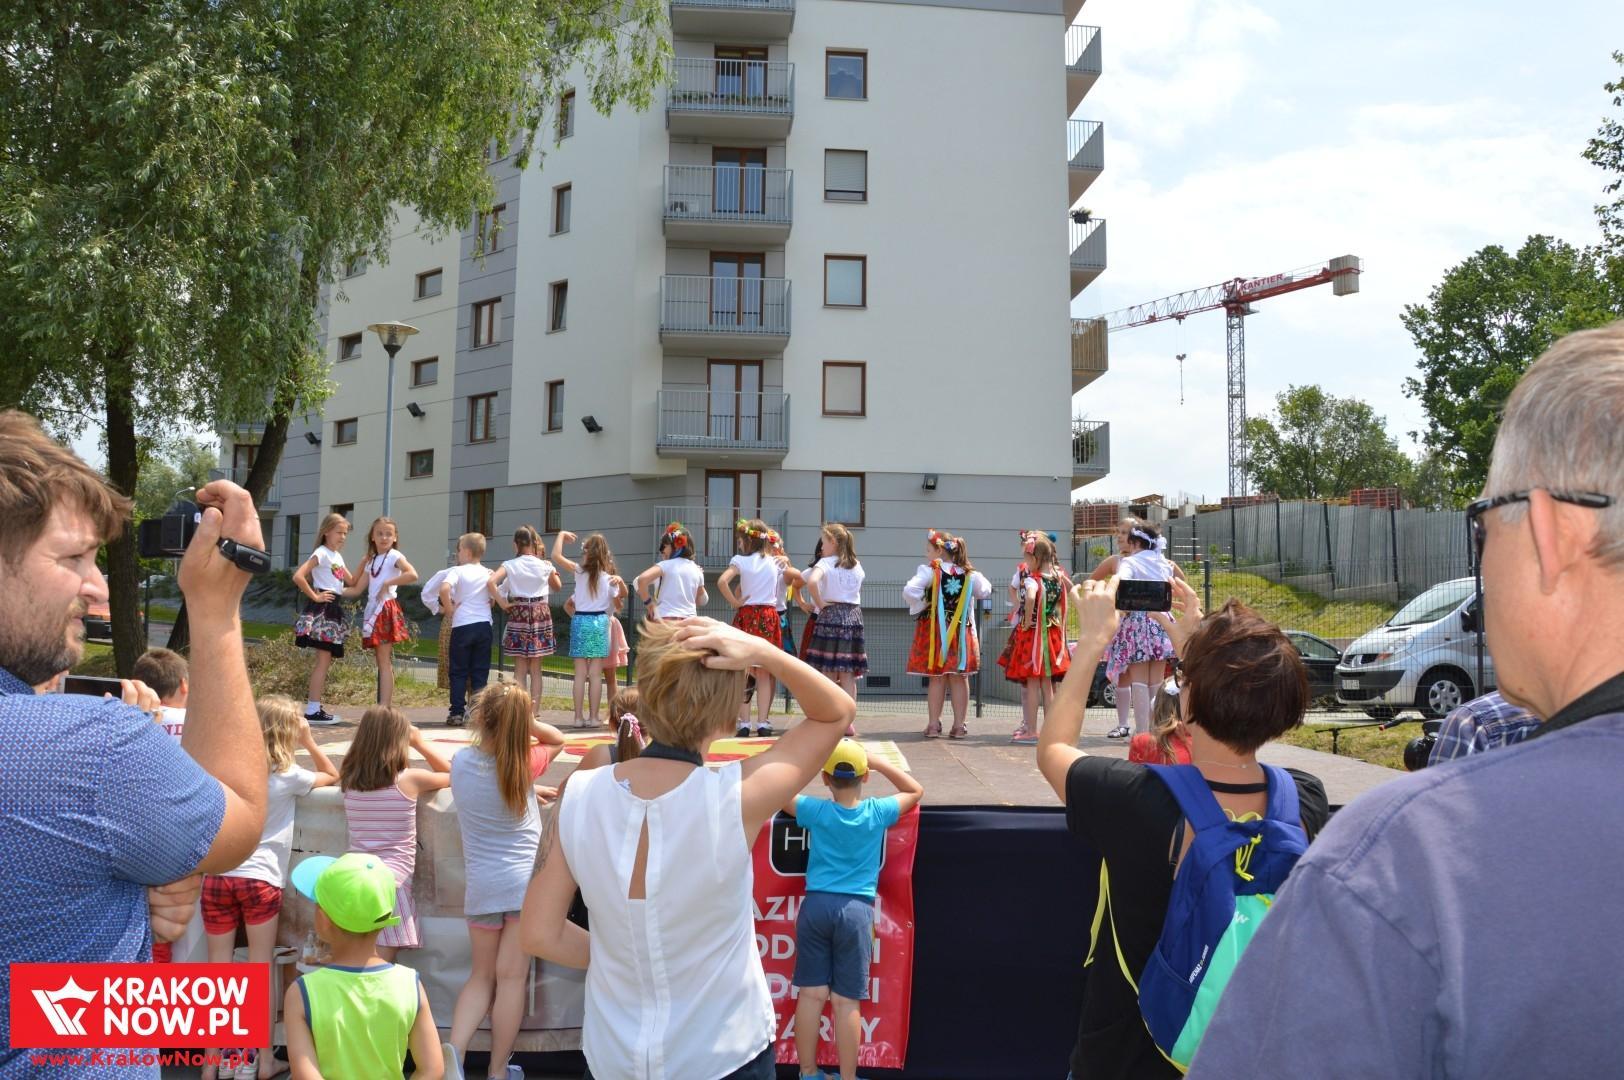 25 lat osiedla rzaka krakow festyn rodzinny 65 150x150 - 25 lat Osiedla Rżąka - galeria zdjęć z festynu